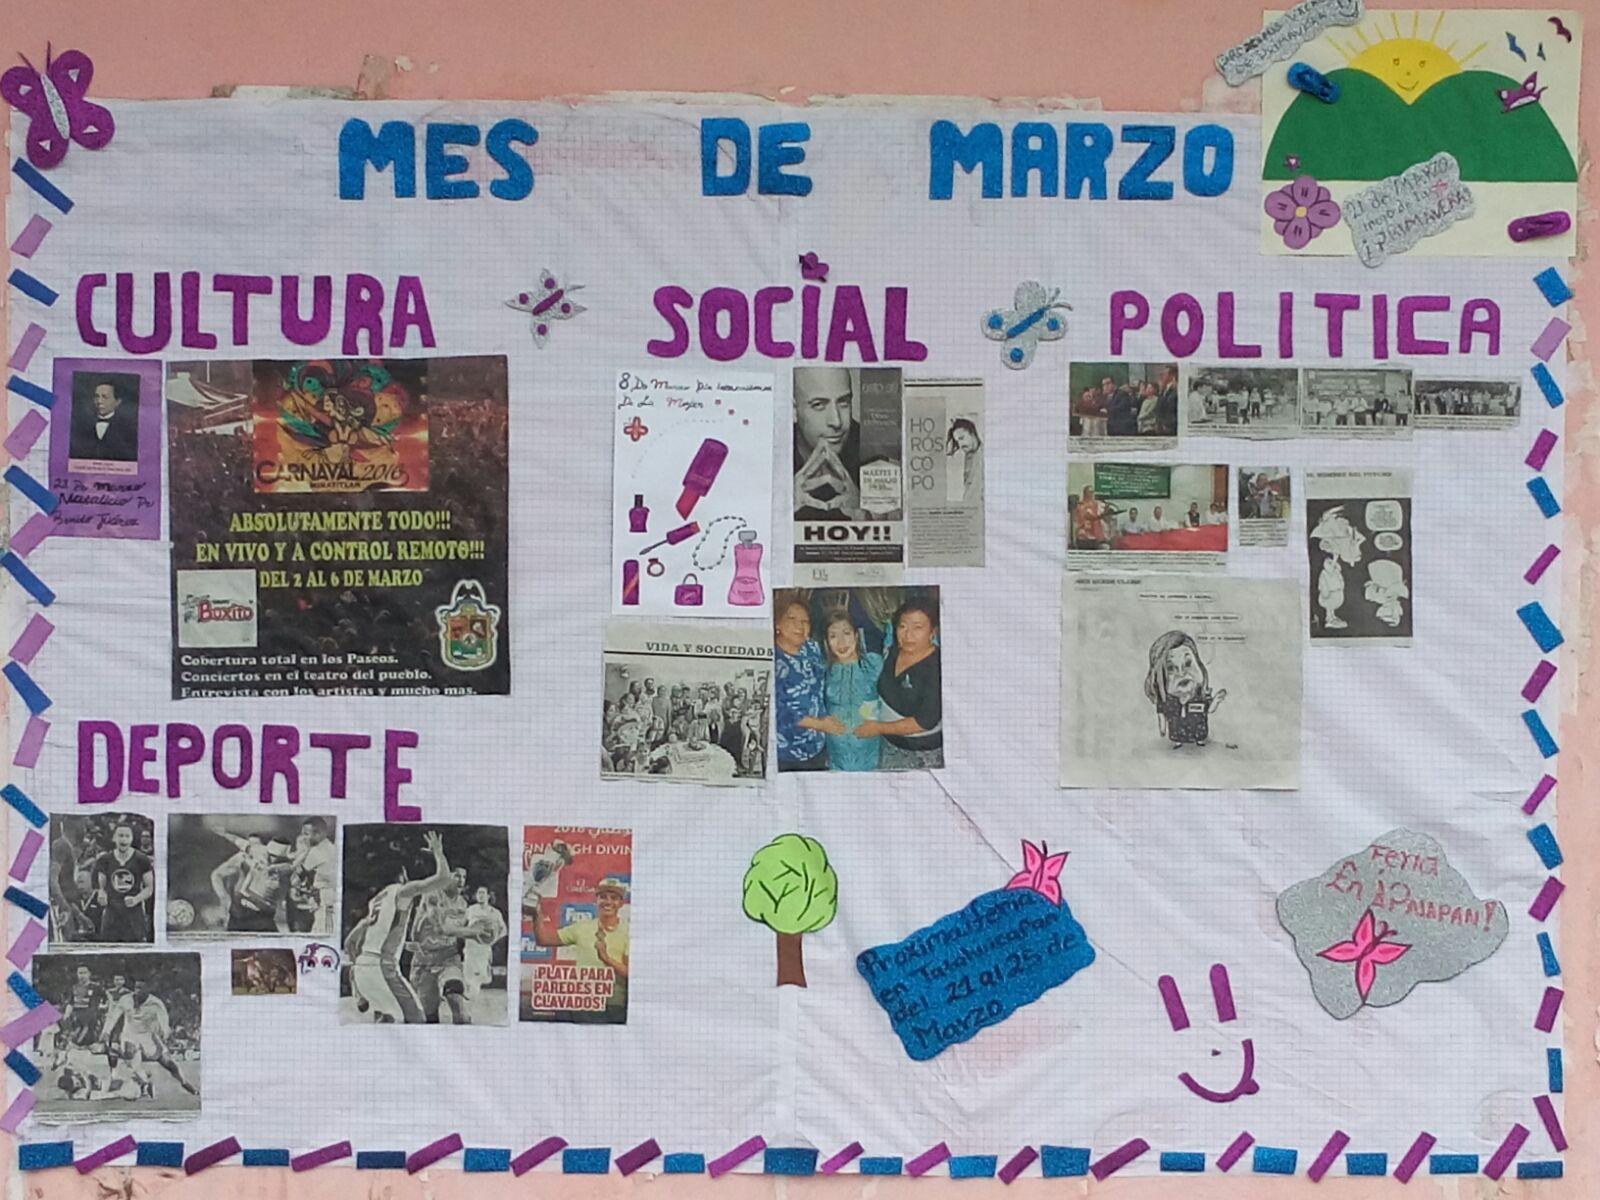 Seccional sur peri dico mural mes de marzo for Avisos de ocasion el mural